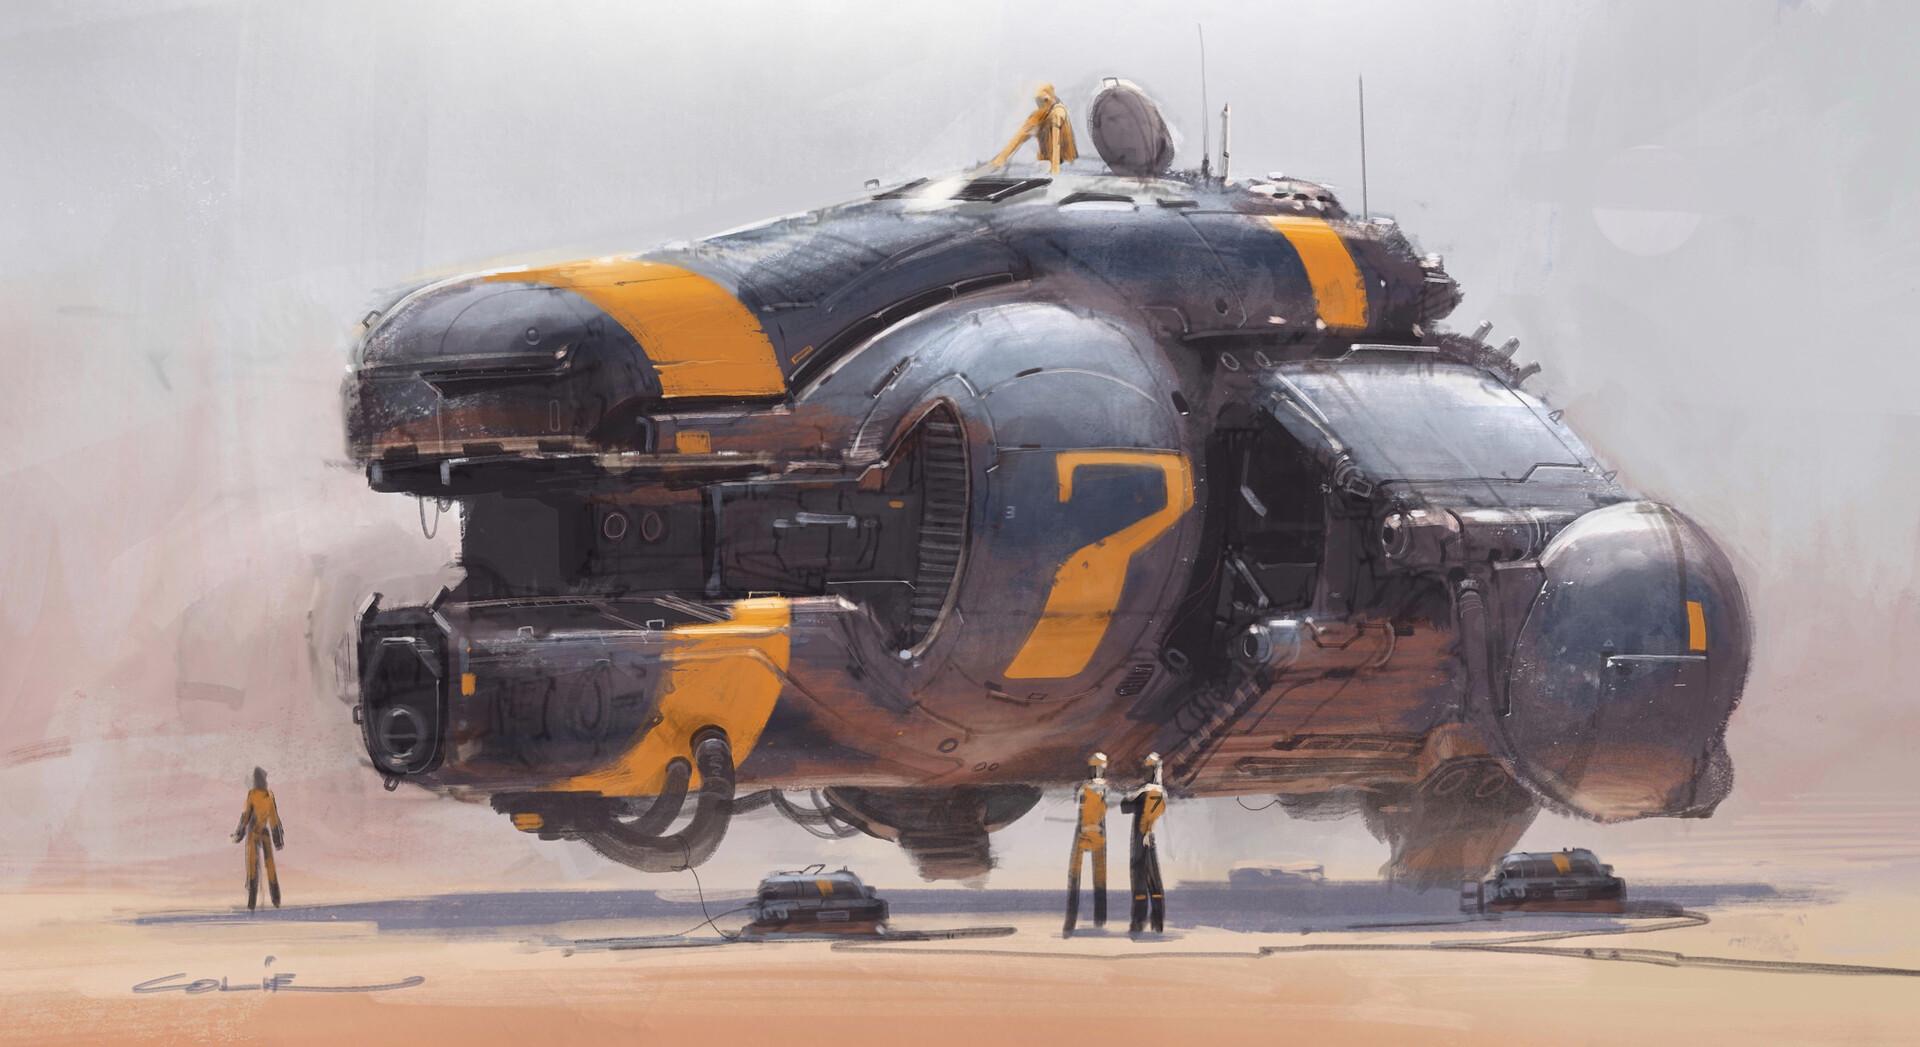 Sci-Fi  Craft & Vehicles by Colie Wertz